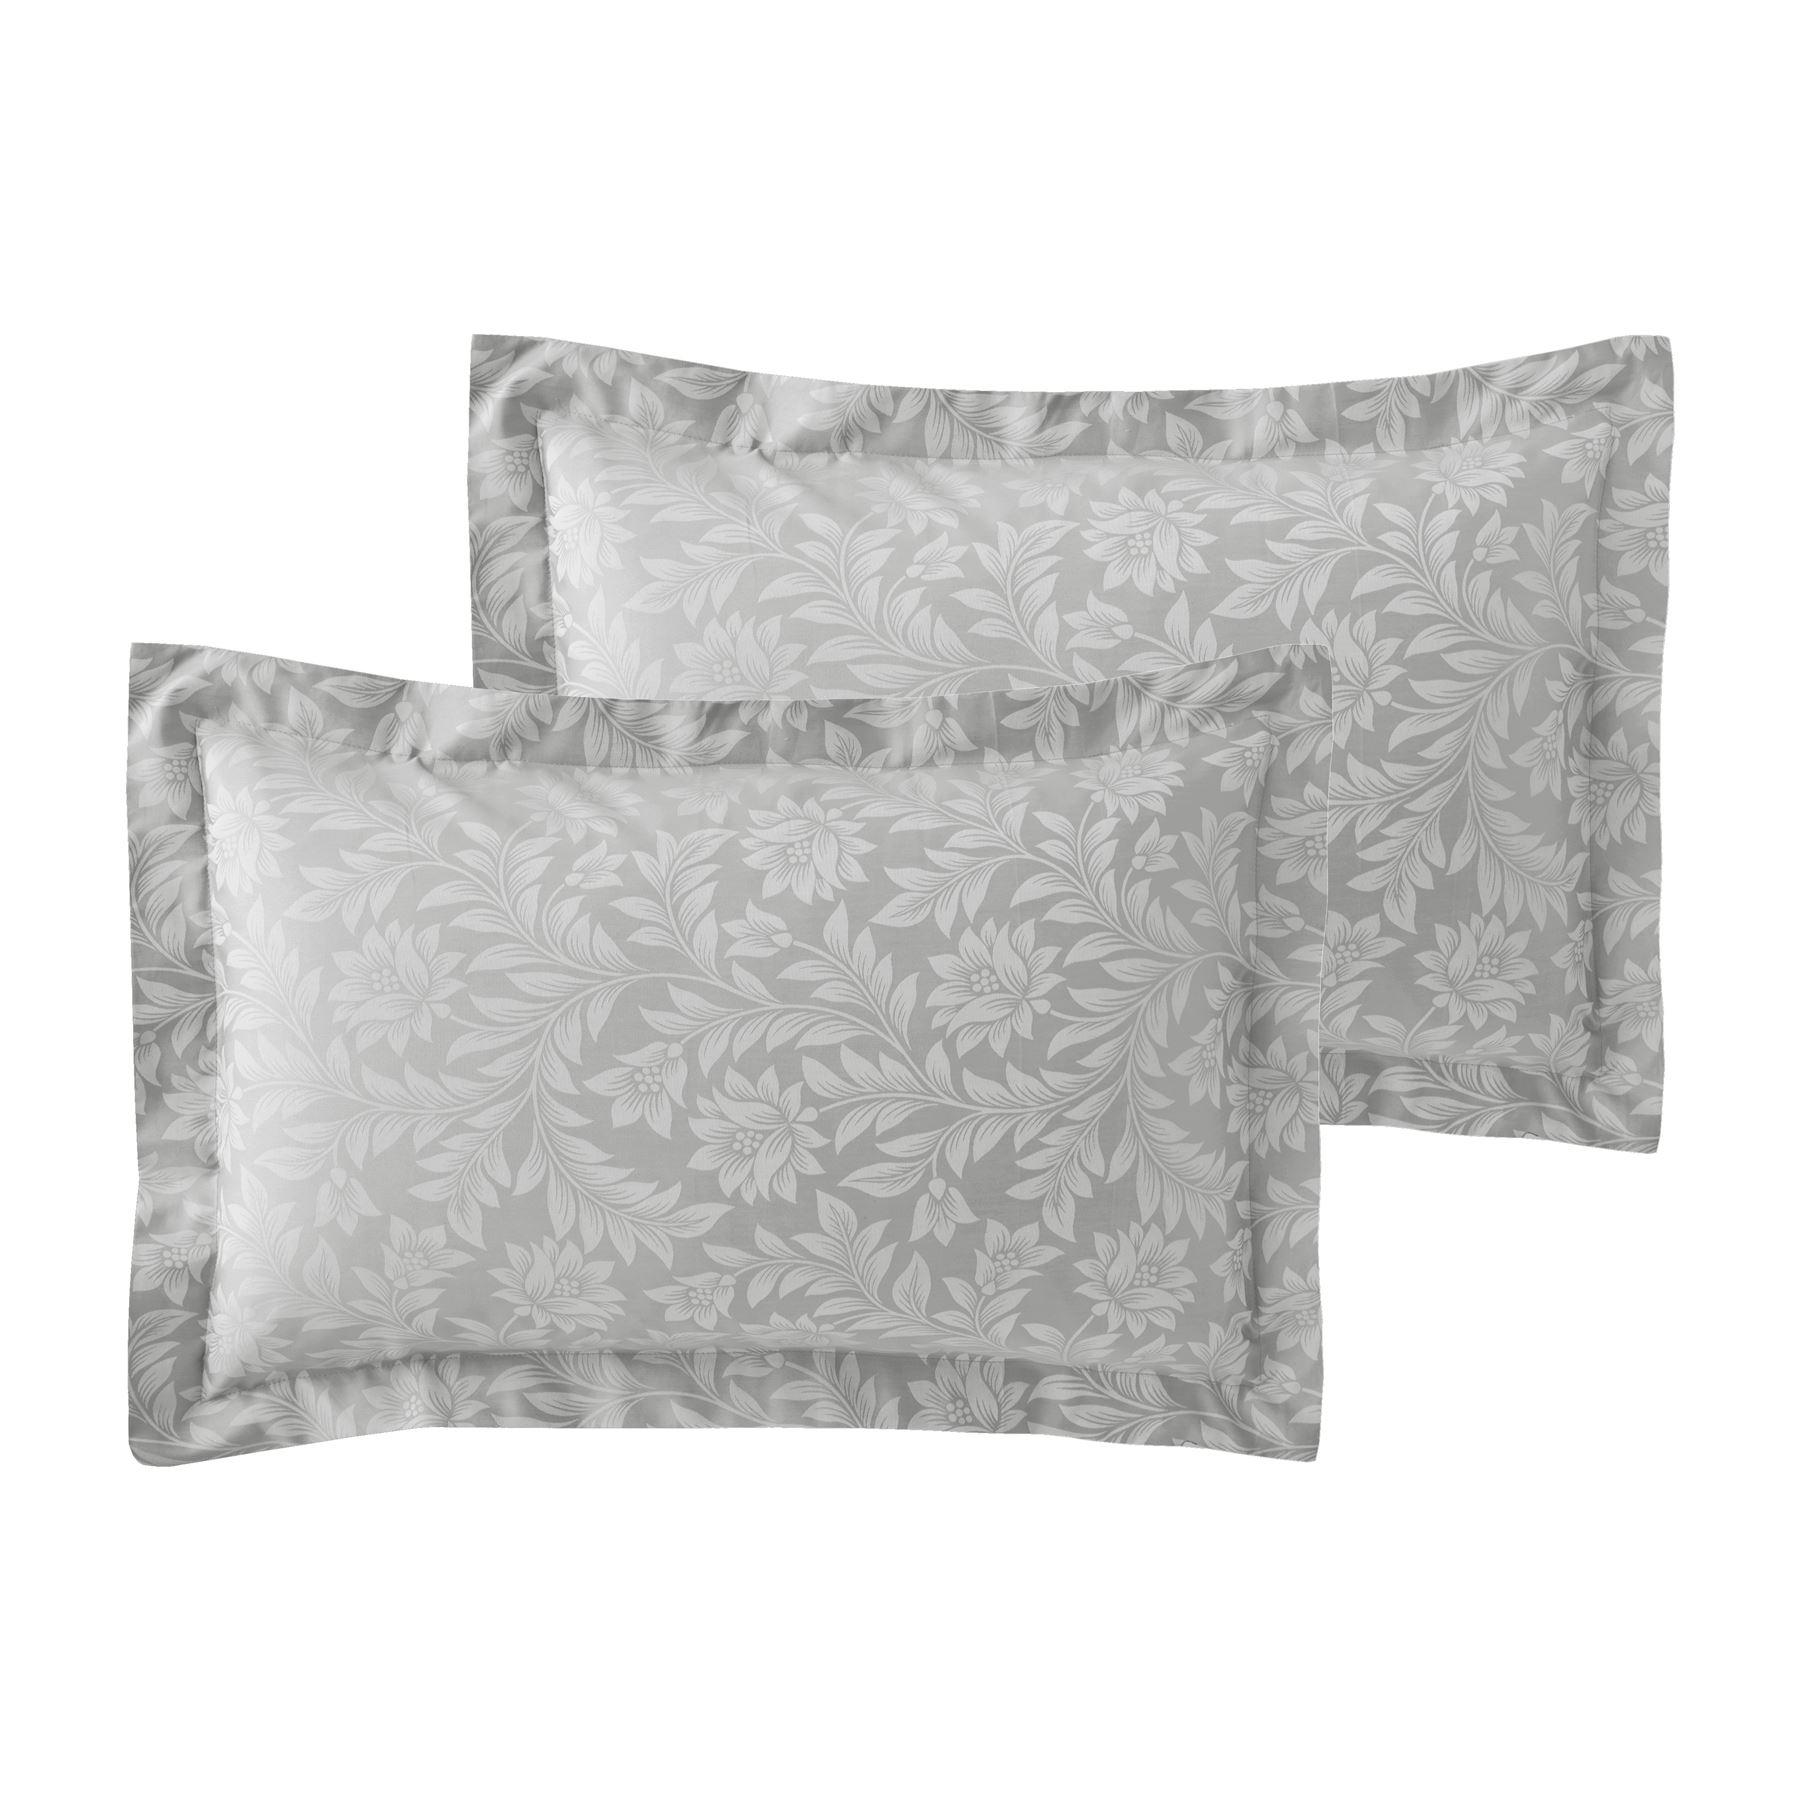 Jacquard-600-Hilos-De-Algodon-Rico-Floral-Duvet-Cover-Set-Fundas-de-almohada-Oxford miniatura 28